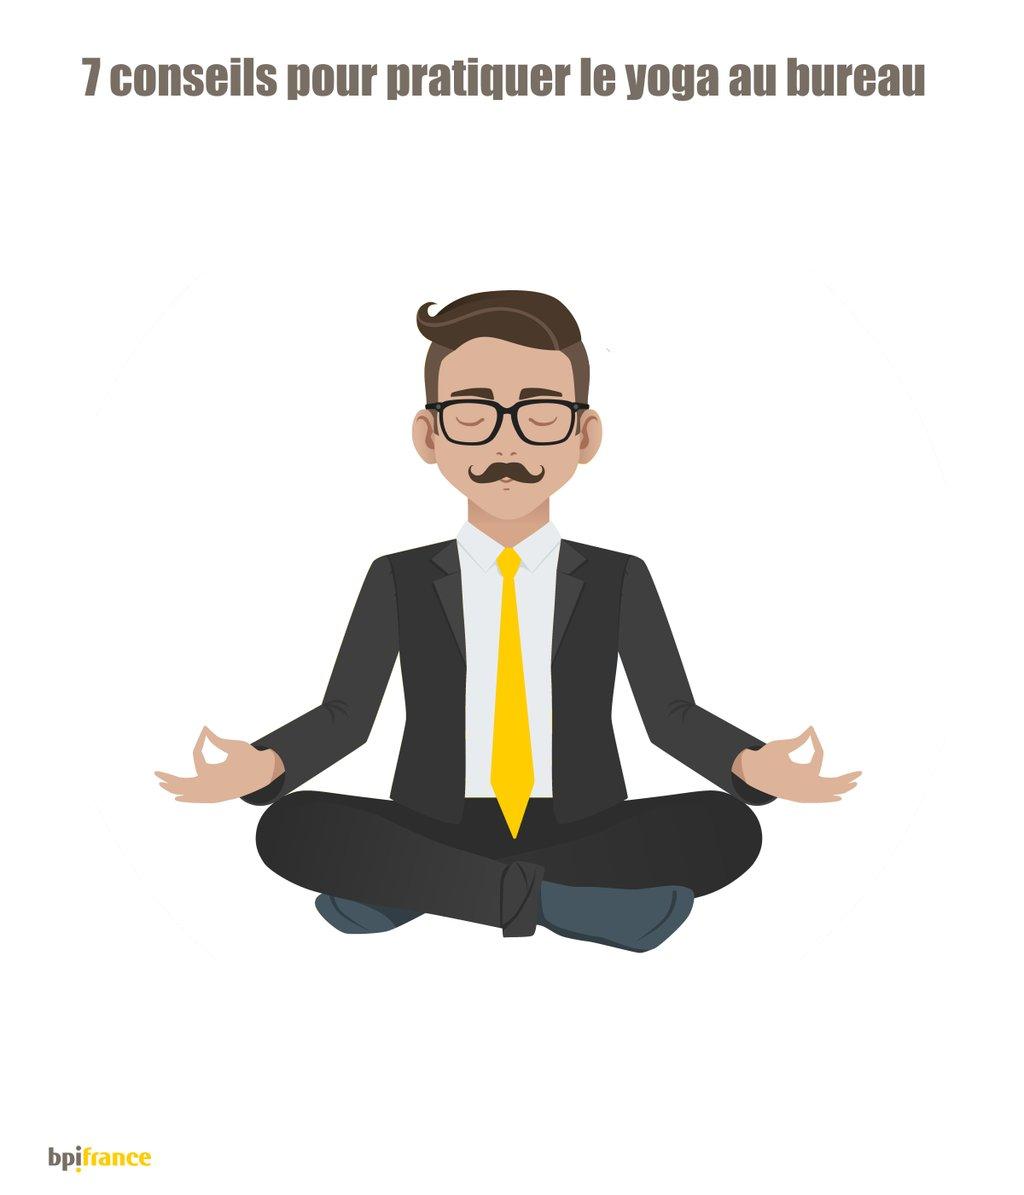 sept conseils pour pratiquer le yoga au bureau bpifrance. Black Bedroom Furniture Sets. Home Design Ideas